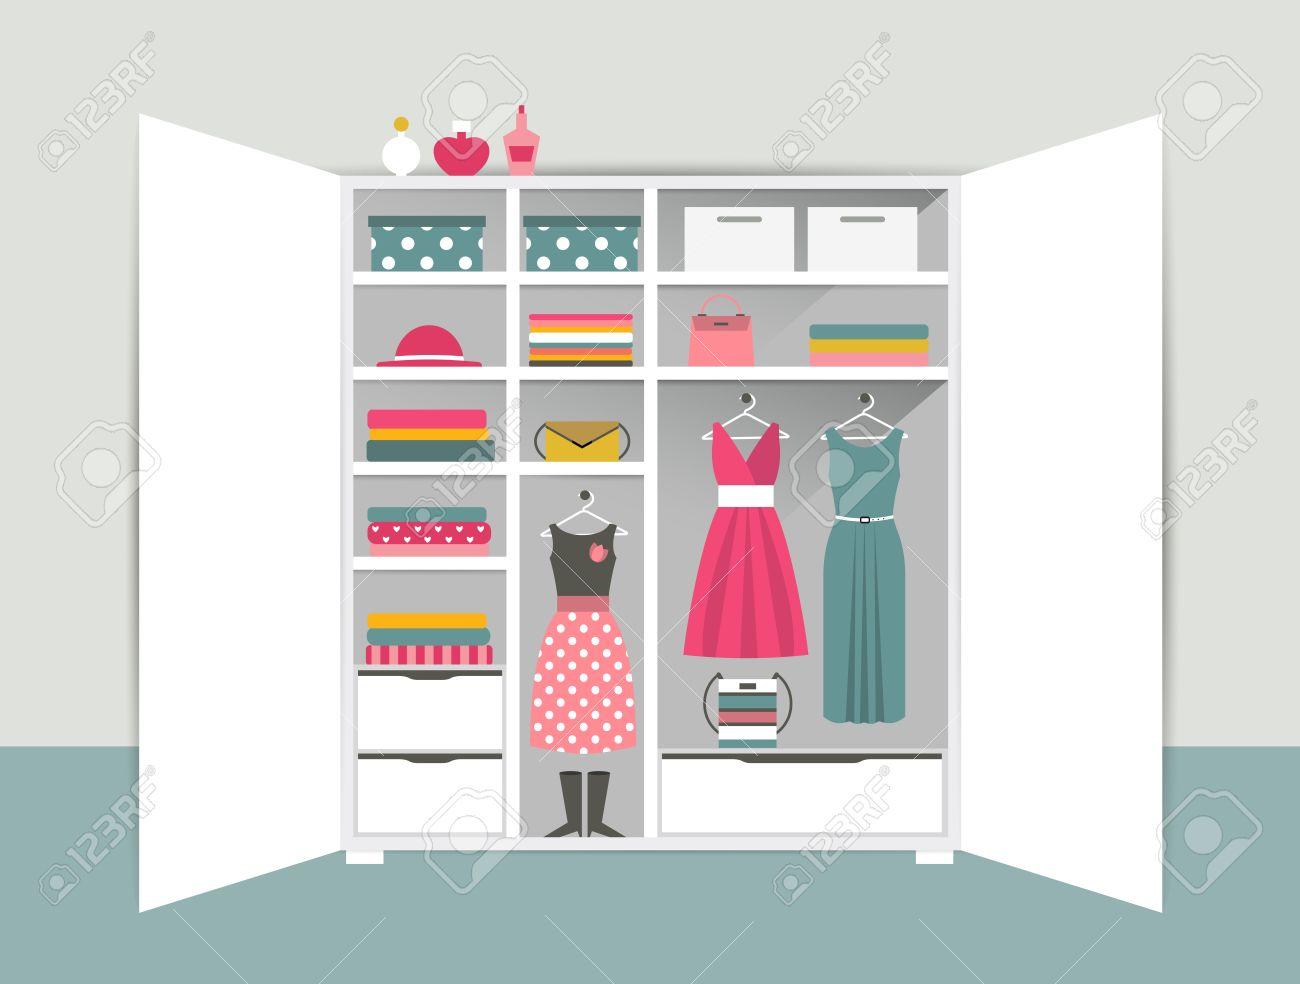 Offene Garderobe. Weiß Kleiderschrank Mit Ordentlich Kleidung, T ...